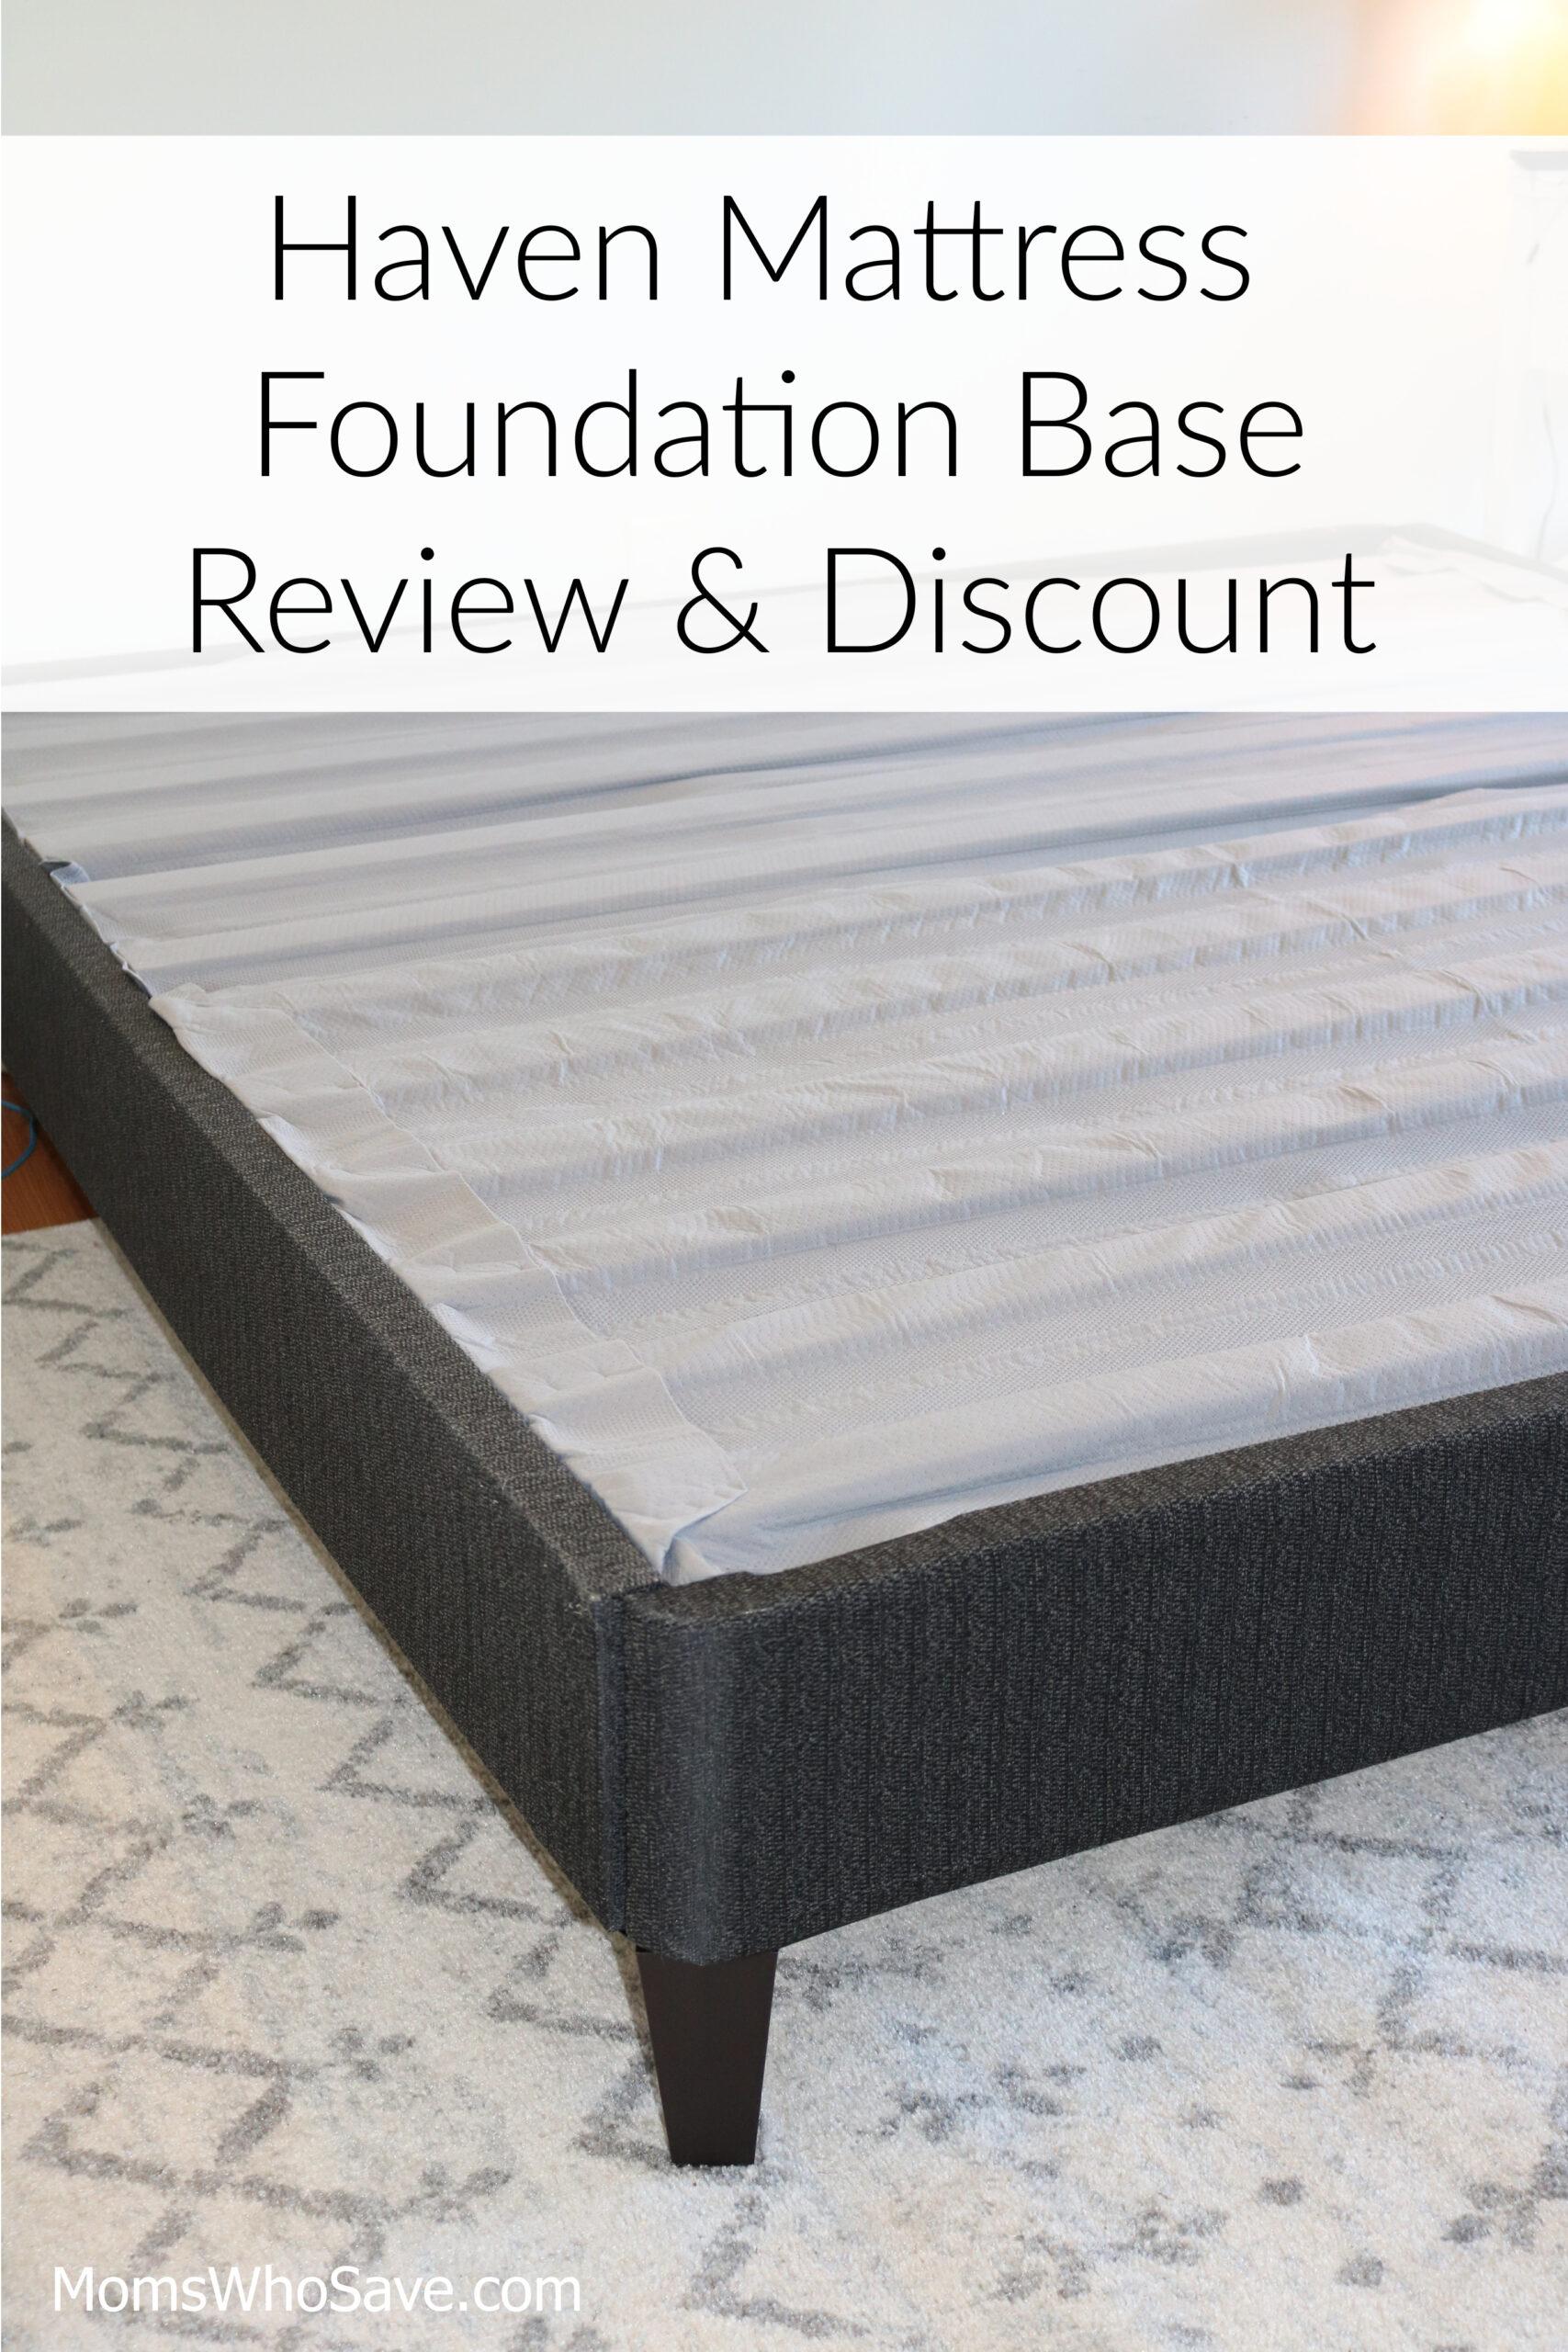 Mattress Foundation Base